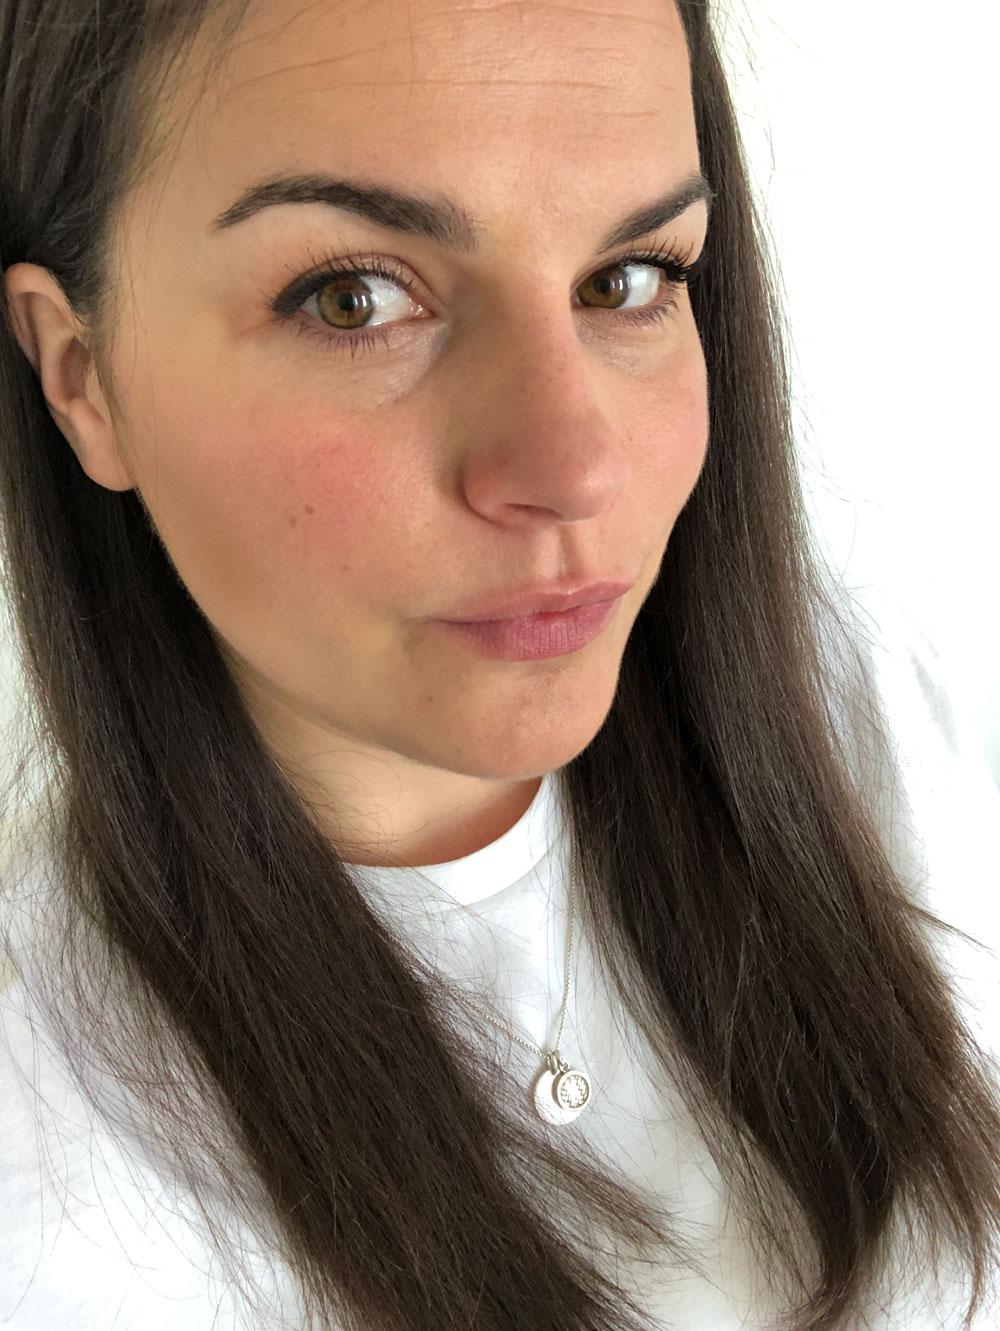 Worth the hype? Gastbloggerin Tizi testet exklusiv für sonrisa die beiden neuen Foundation-Seren von Ilias und Kosas.